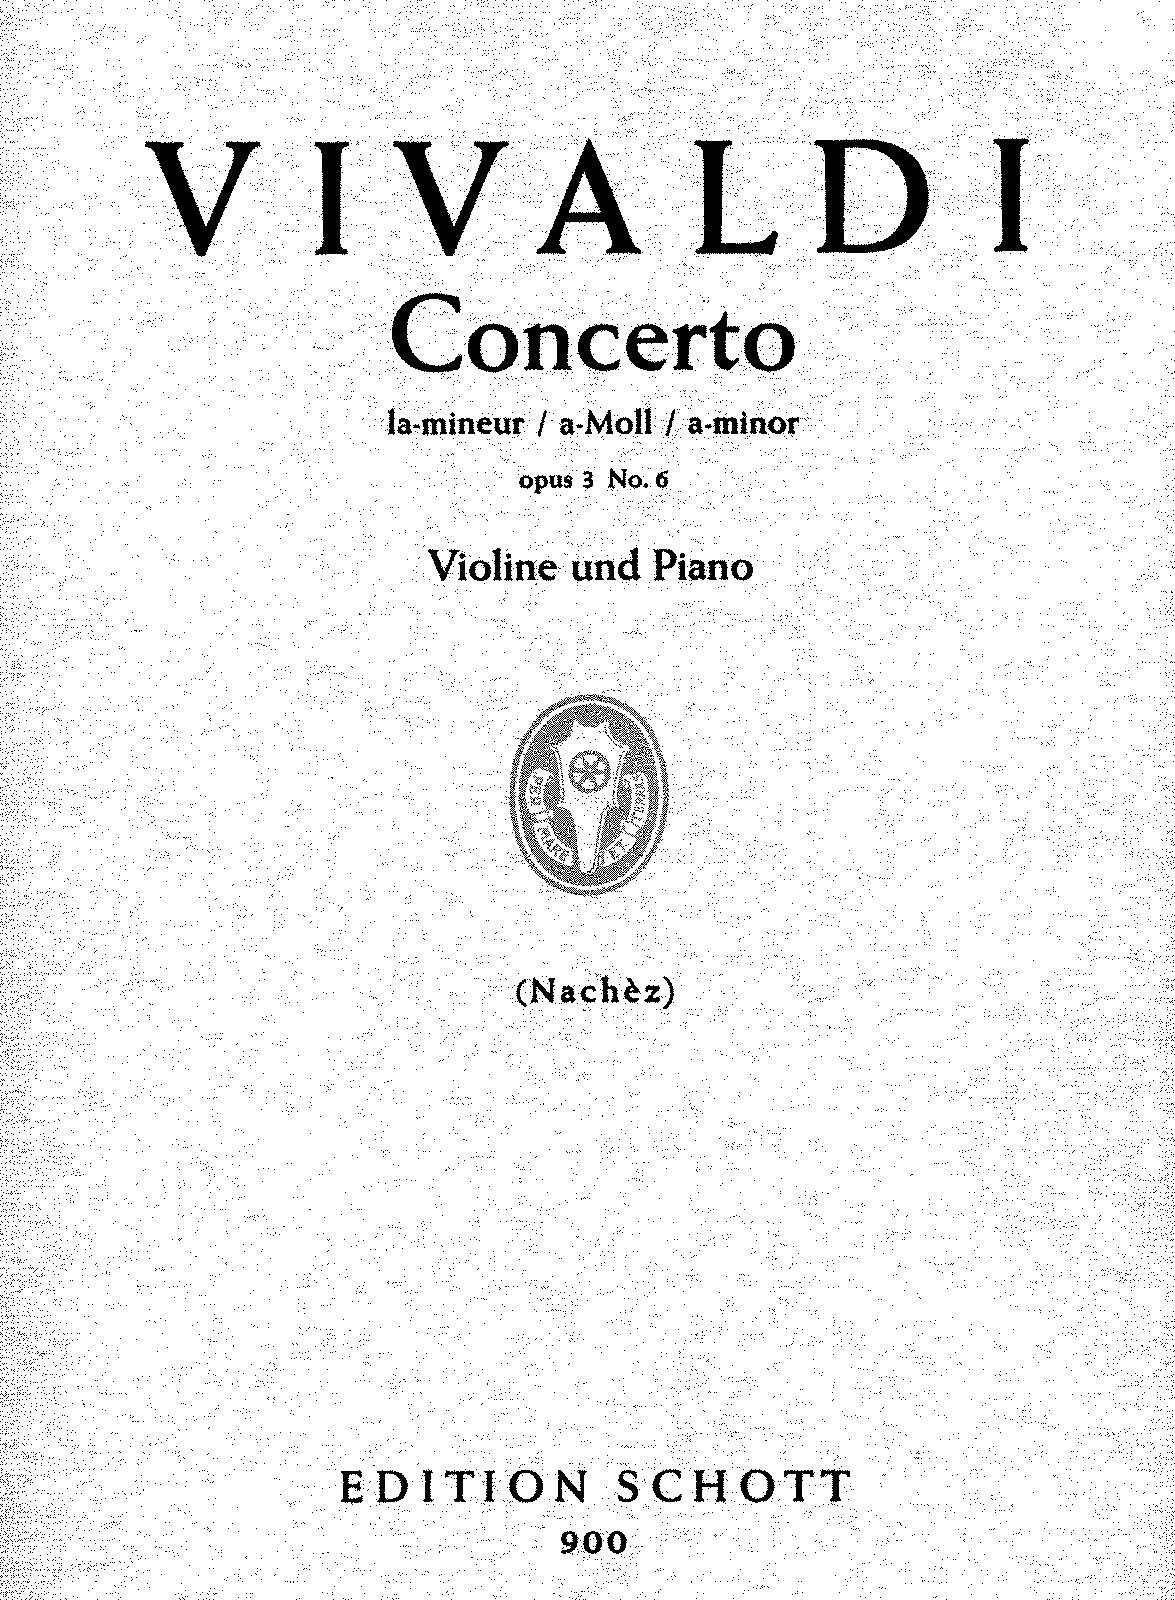 Violin Concerto in A minor, RV 356 (Vivaldi, Antonio